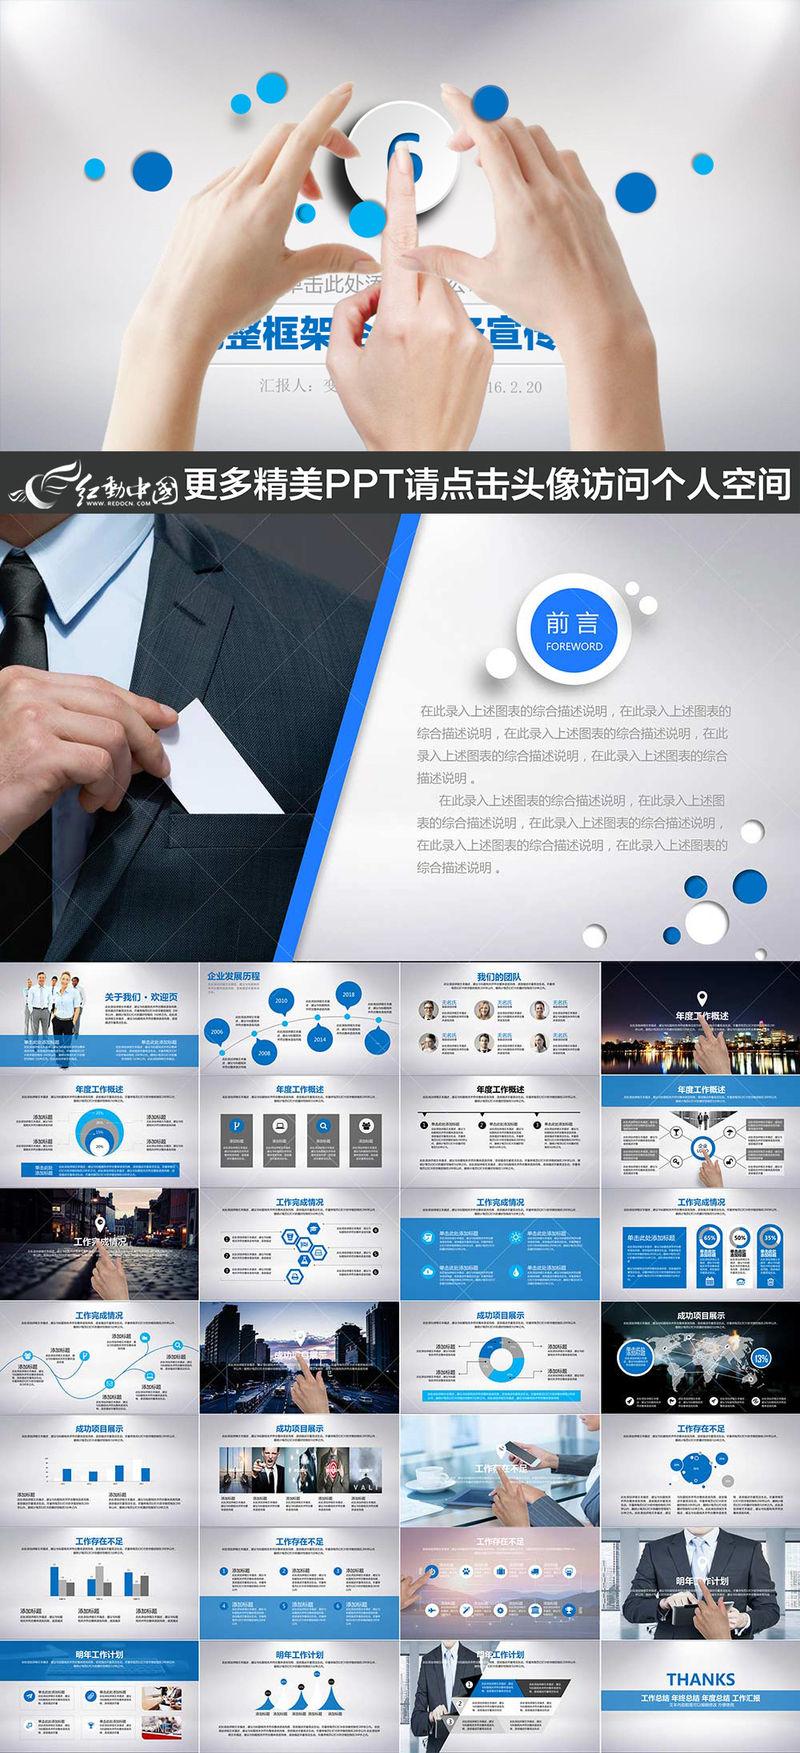 蓝色大气商务通用产品企业简介ppt模板pptx素材下载